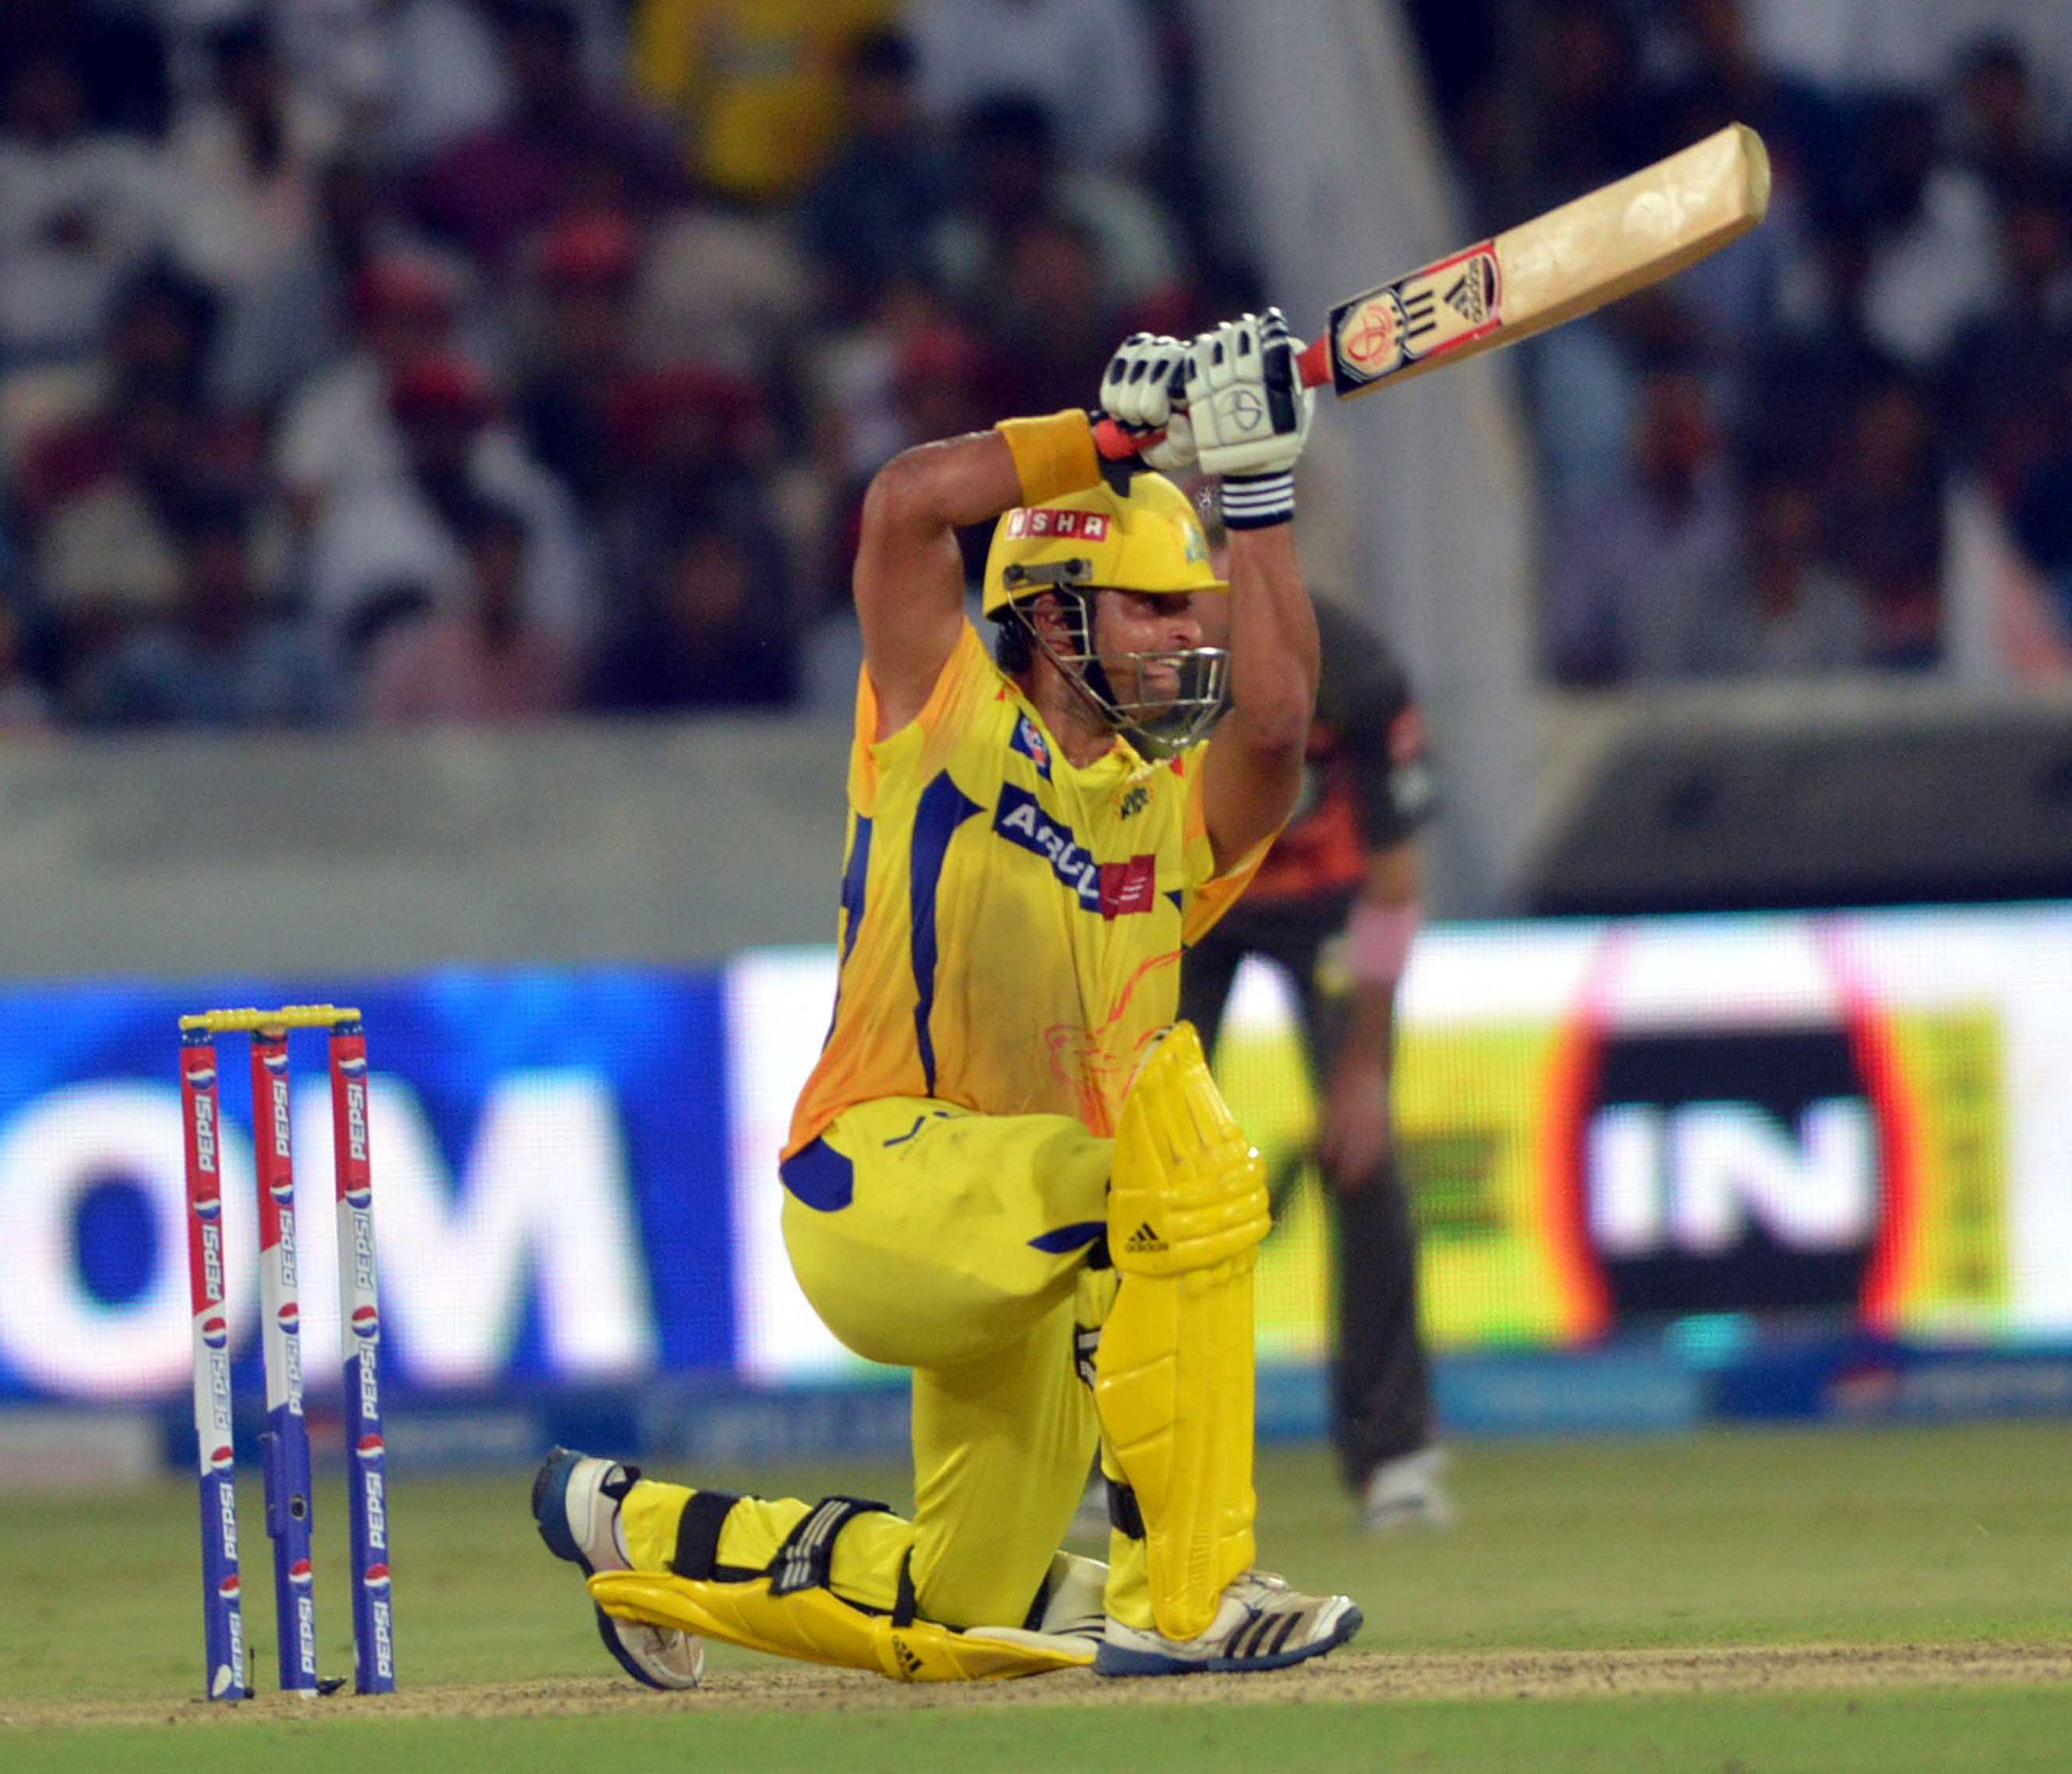 IPL 6: Player of the Week nominees – Week 6